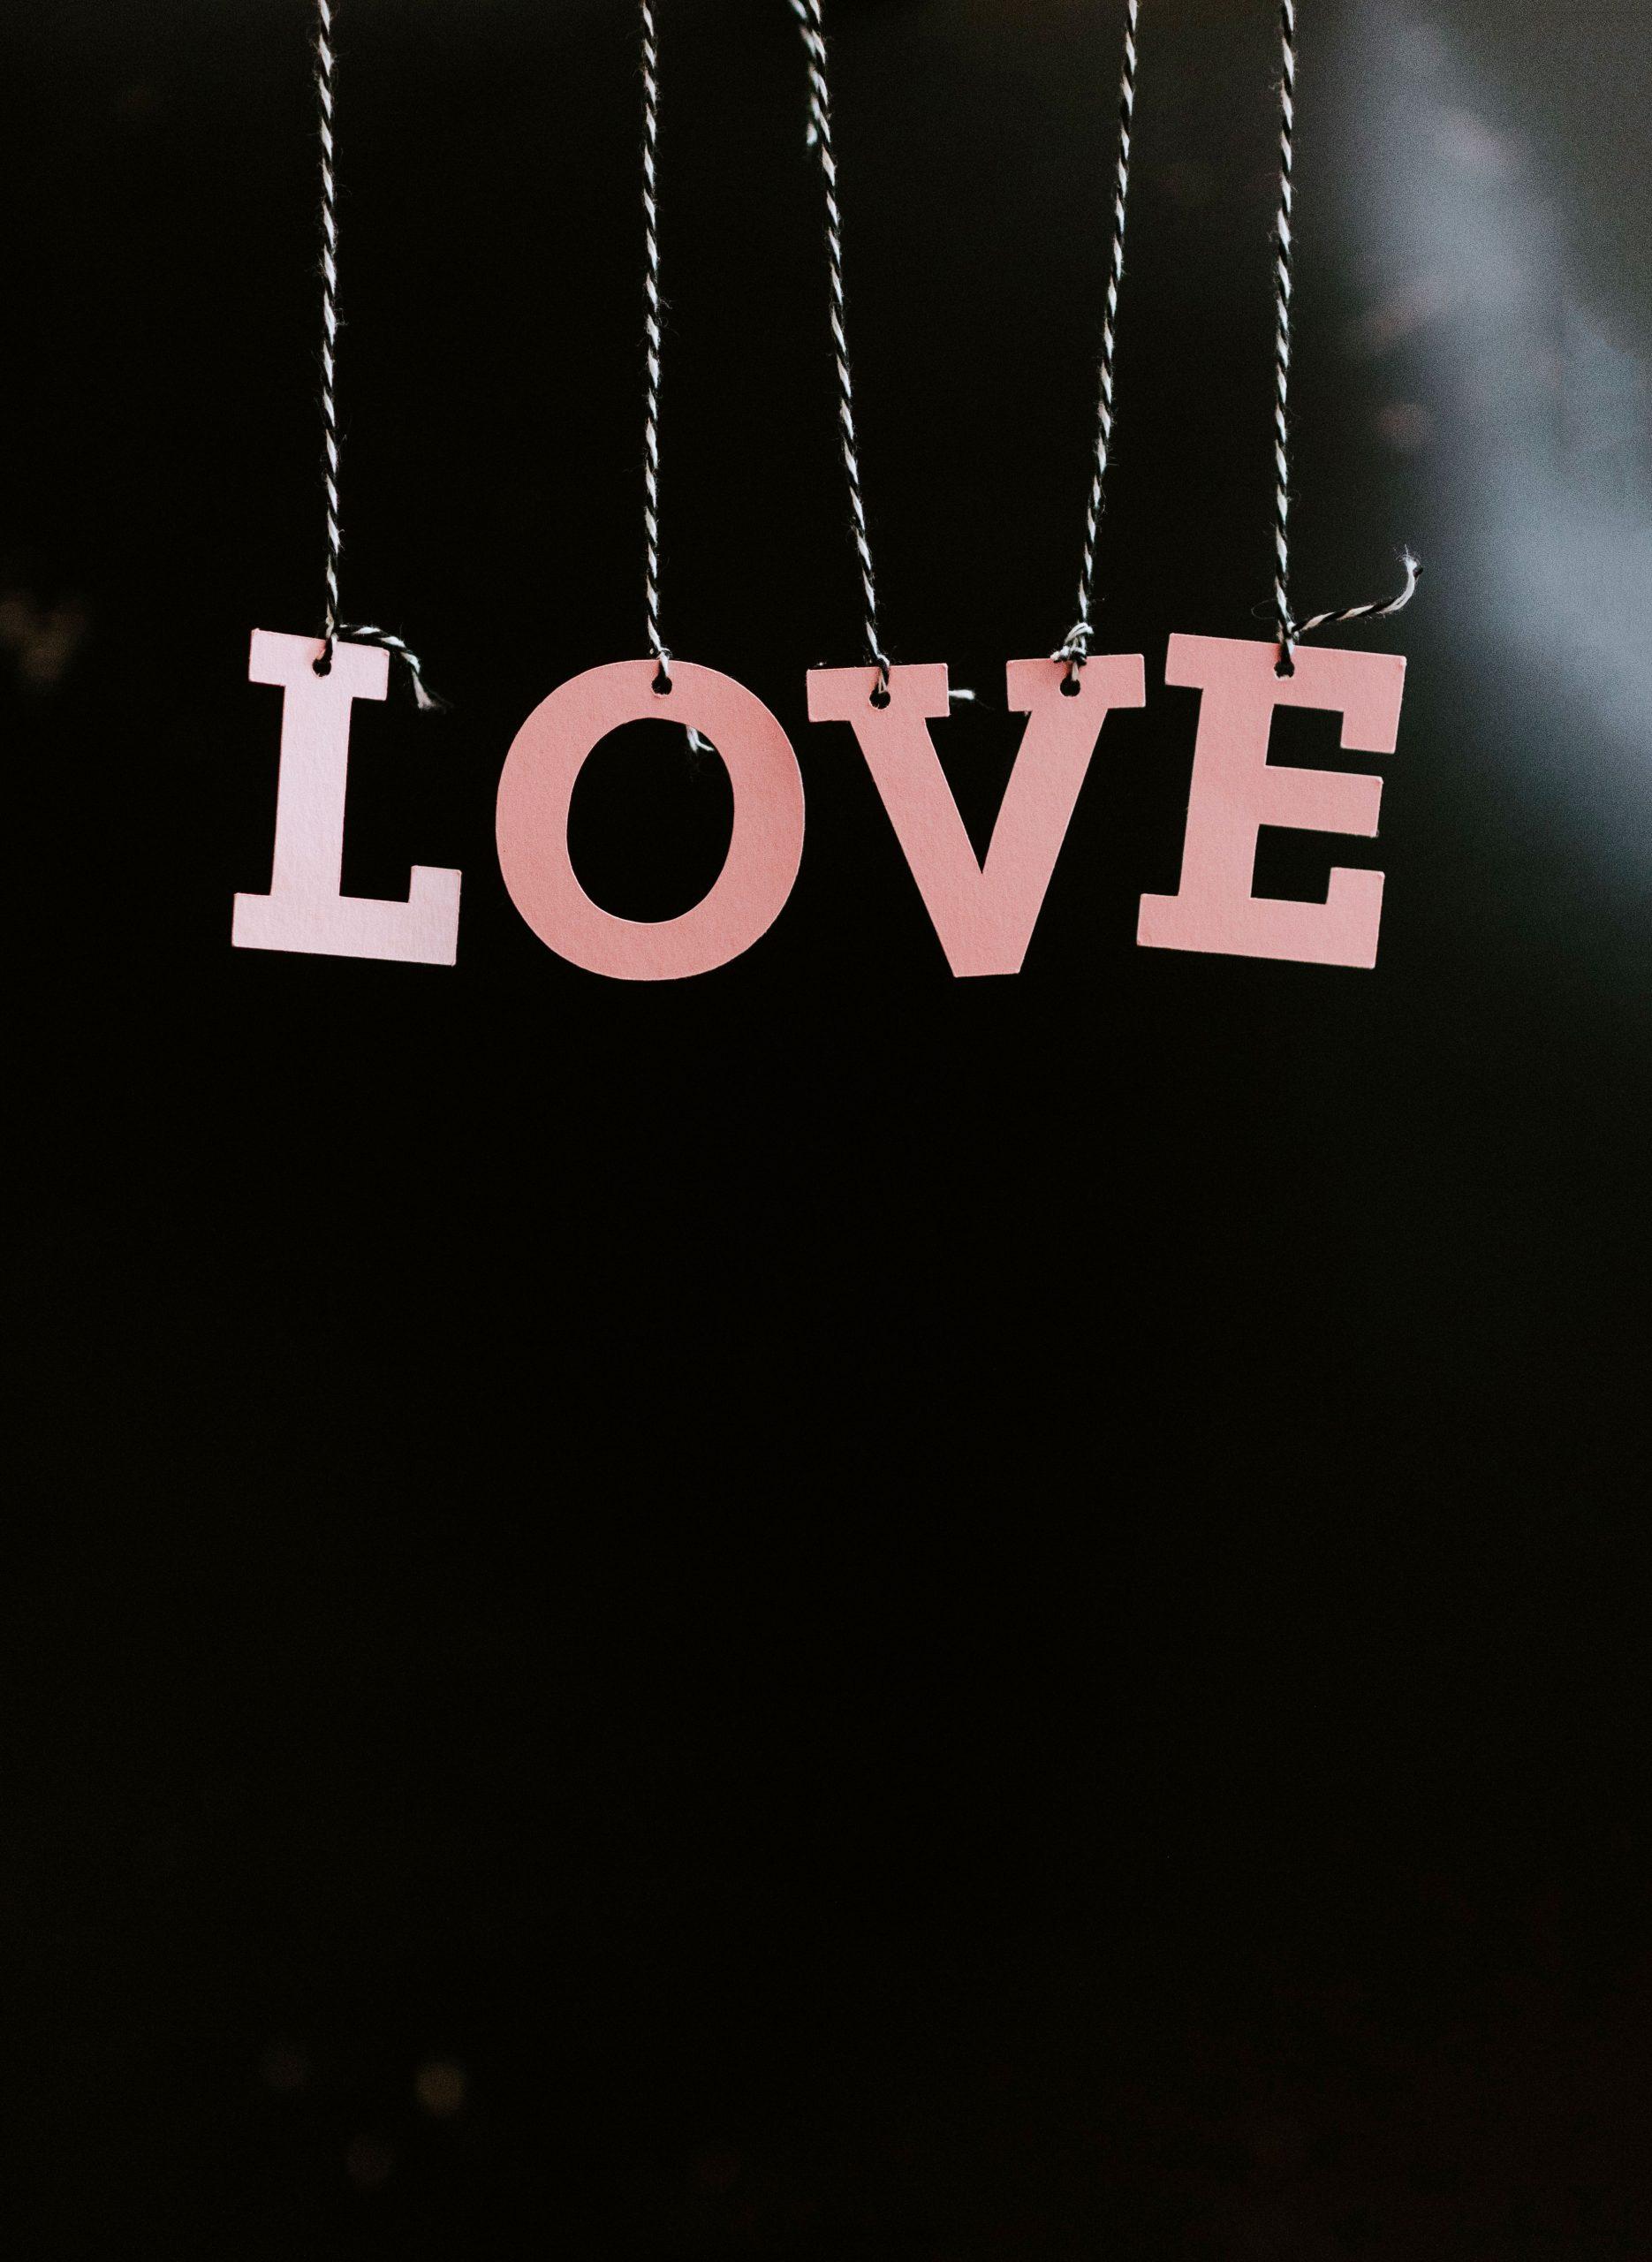 2021 Latest Love Couple Sad Dp Images pics download